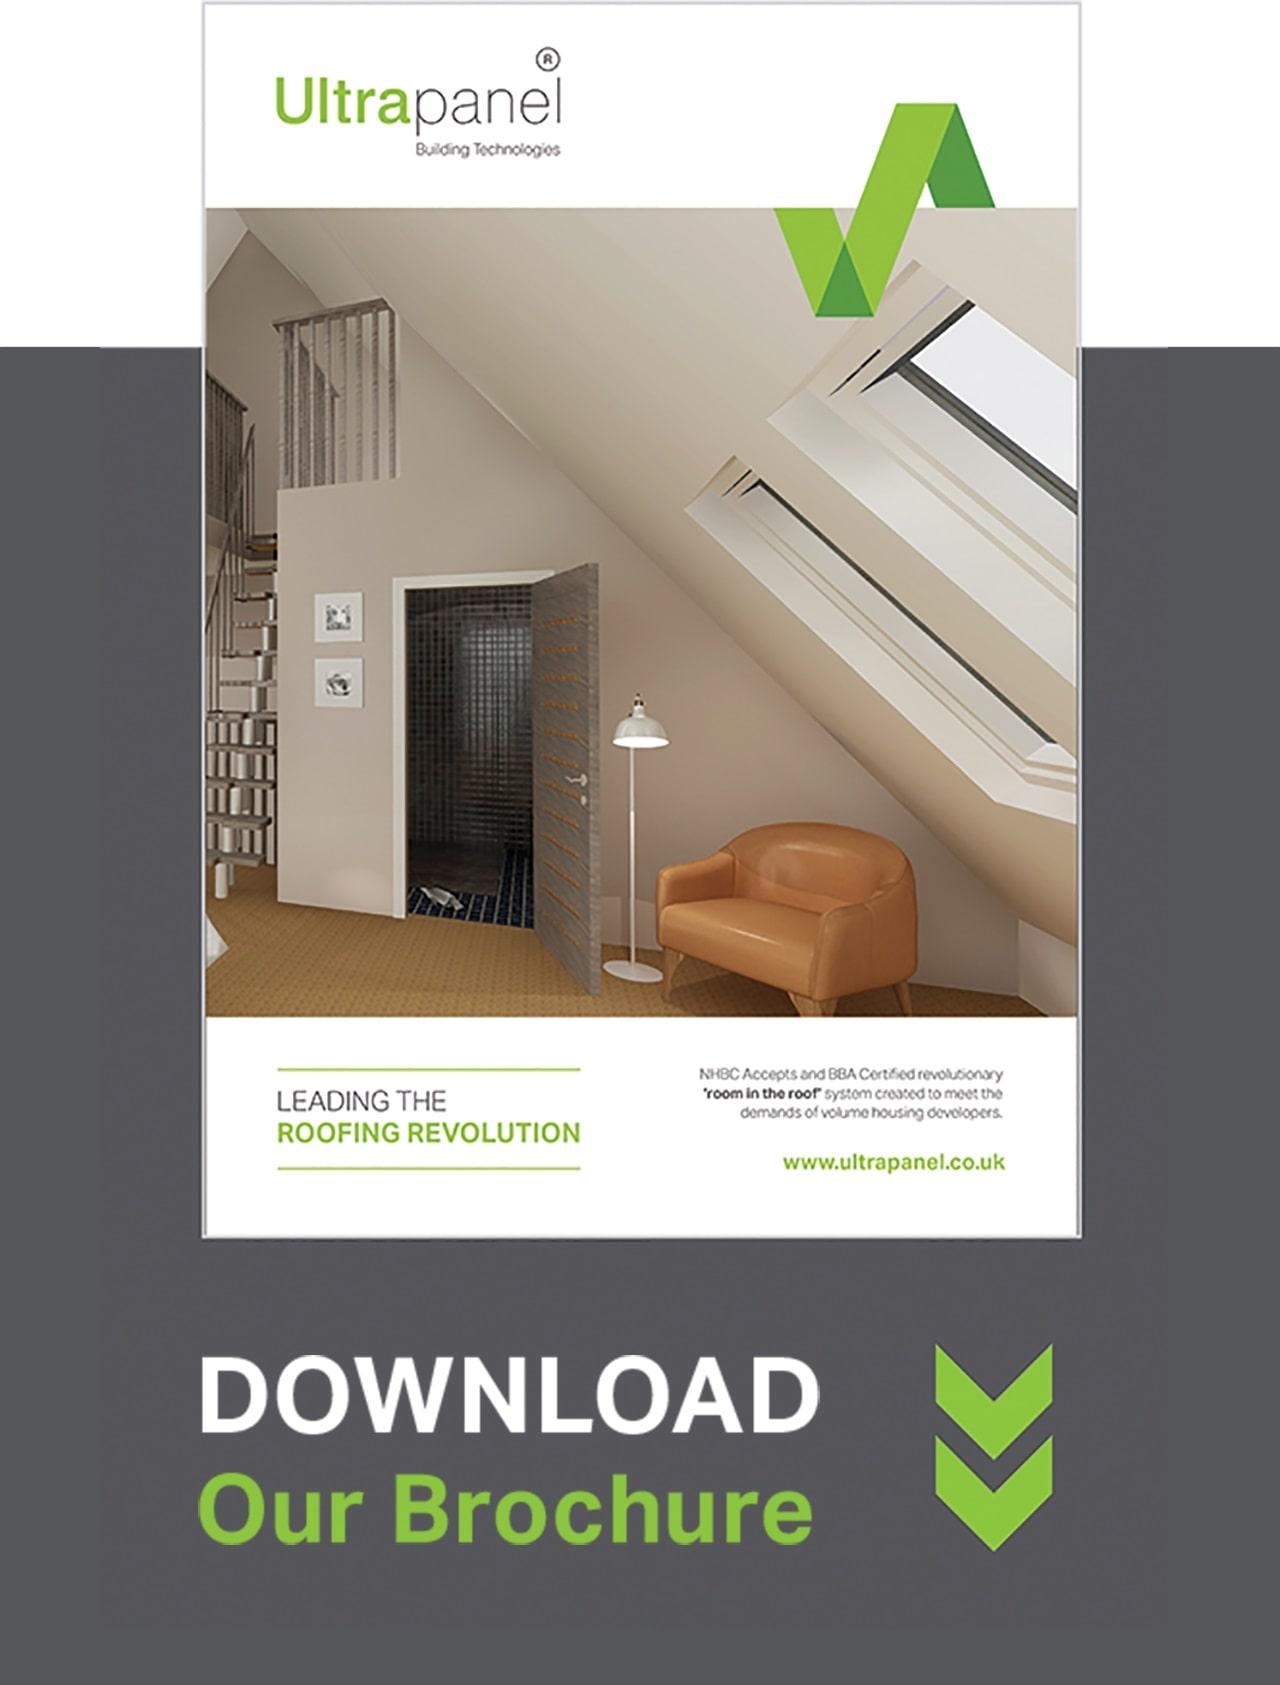 Ultrapanel Brochure